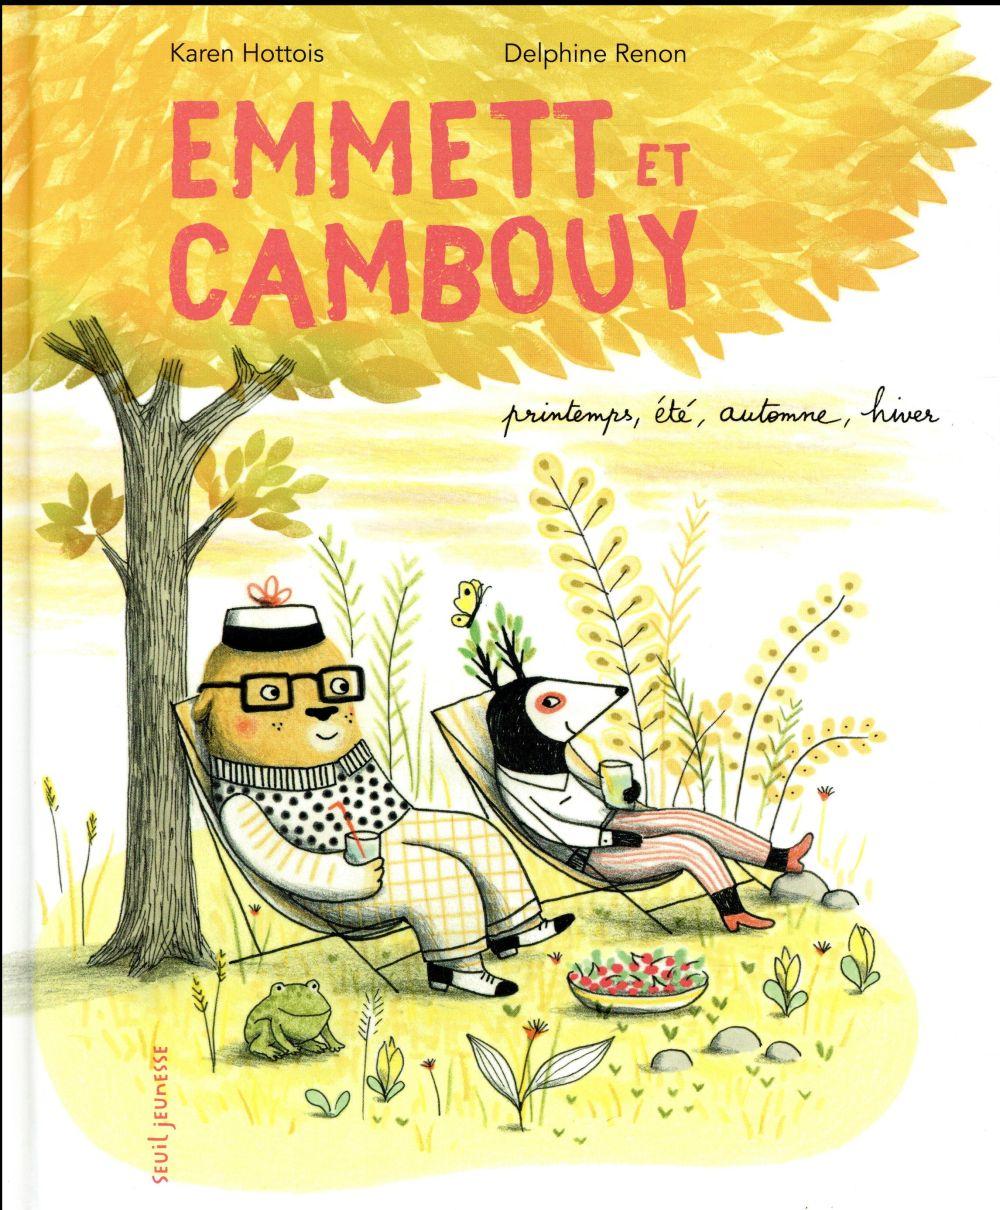 Emmett et Cambouy